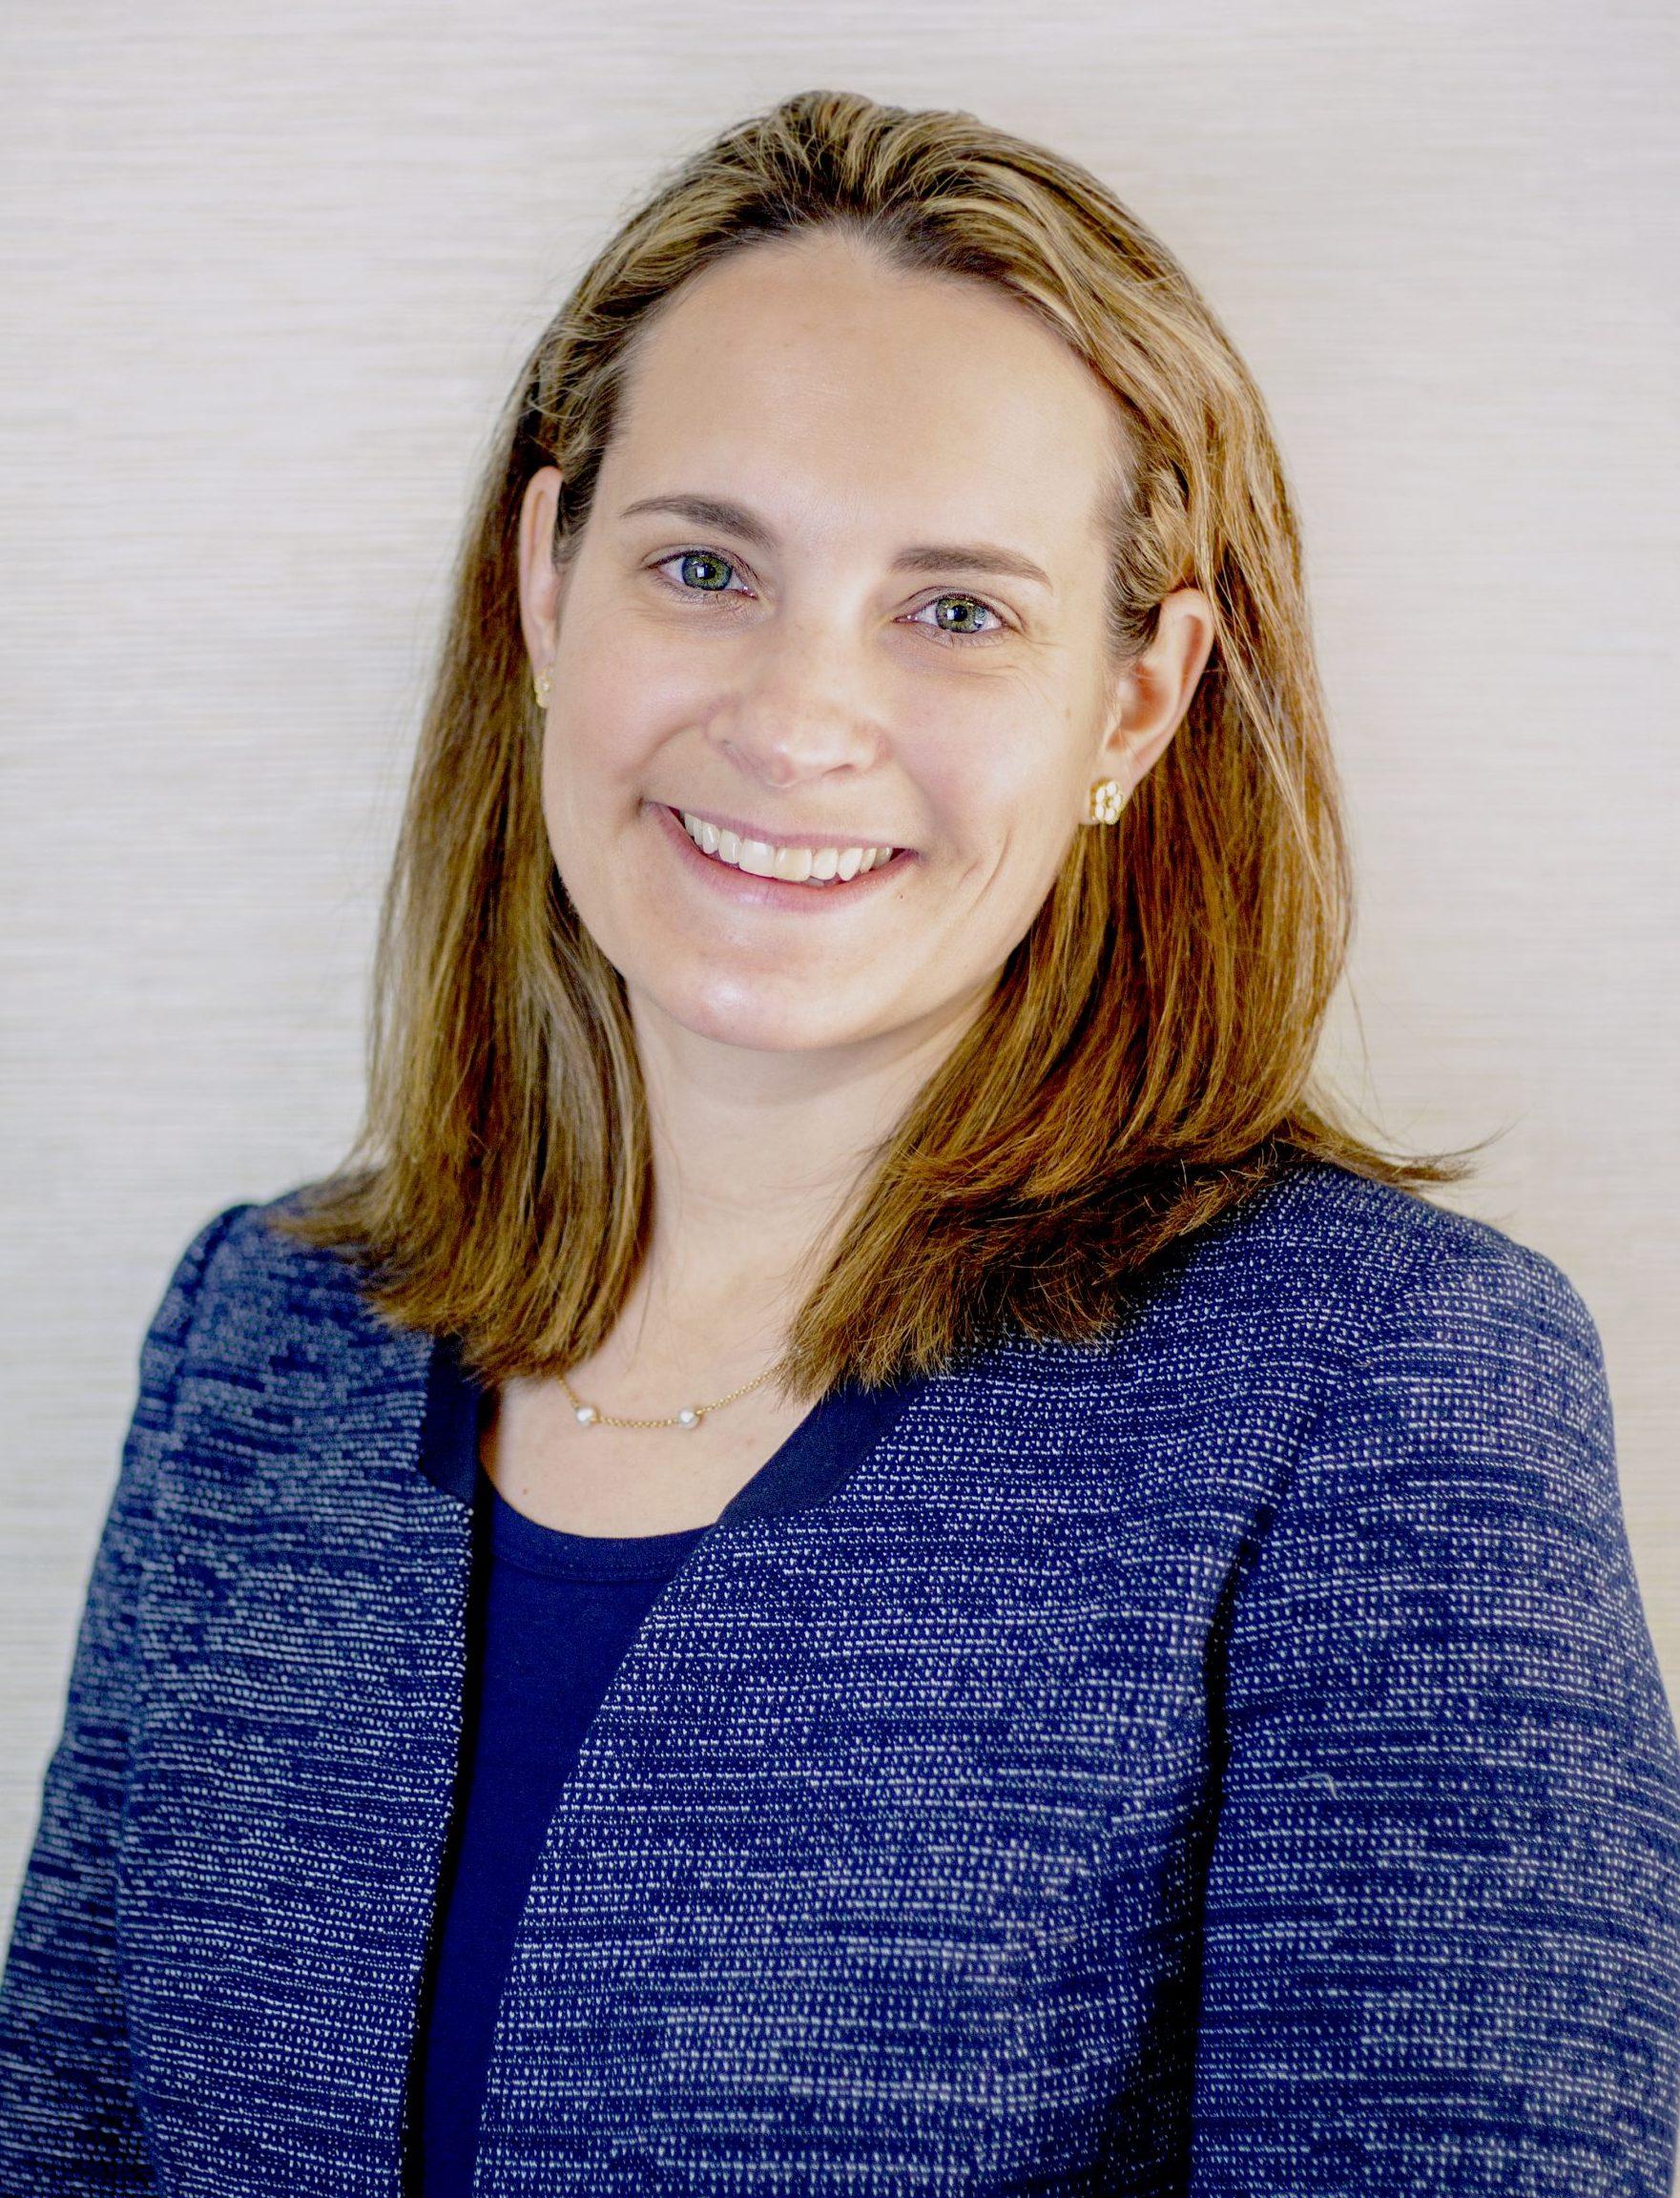 Kate Hurlihy Schwenker